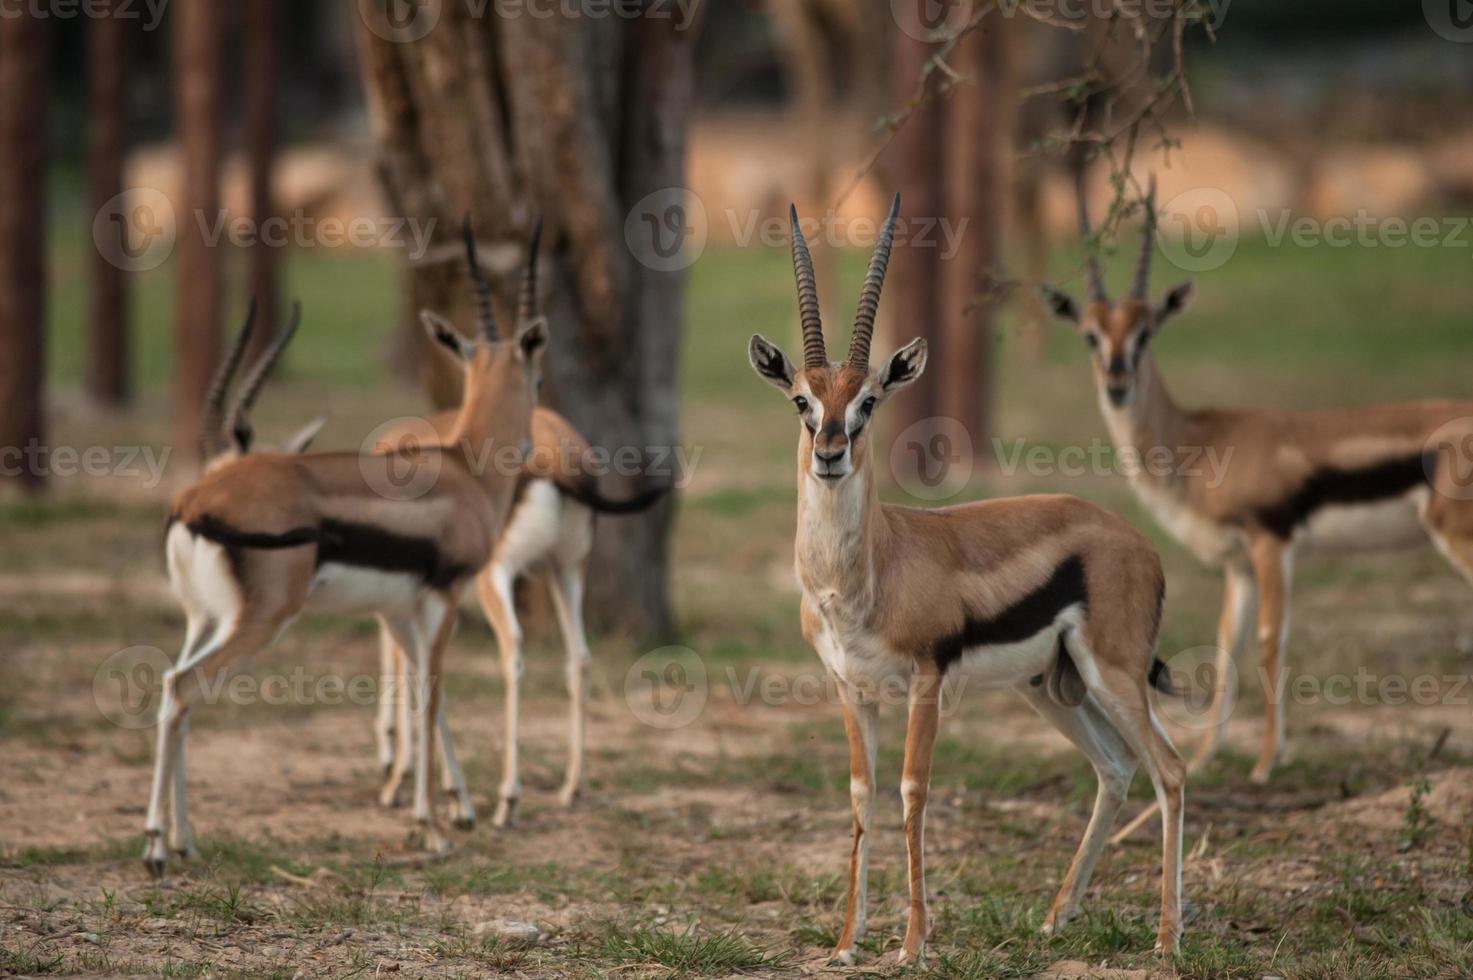 Thomson gazelle linda posando para uma fotografia foto